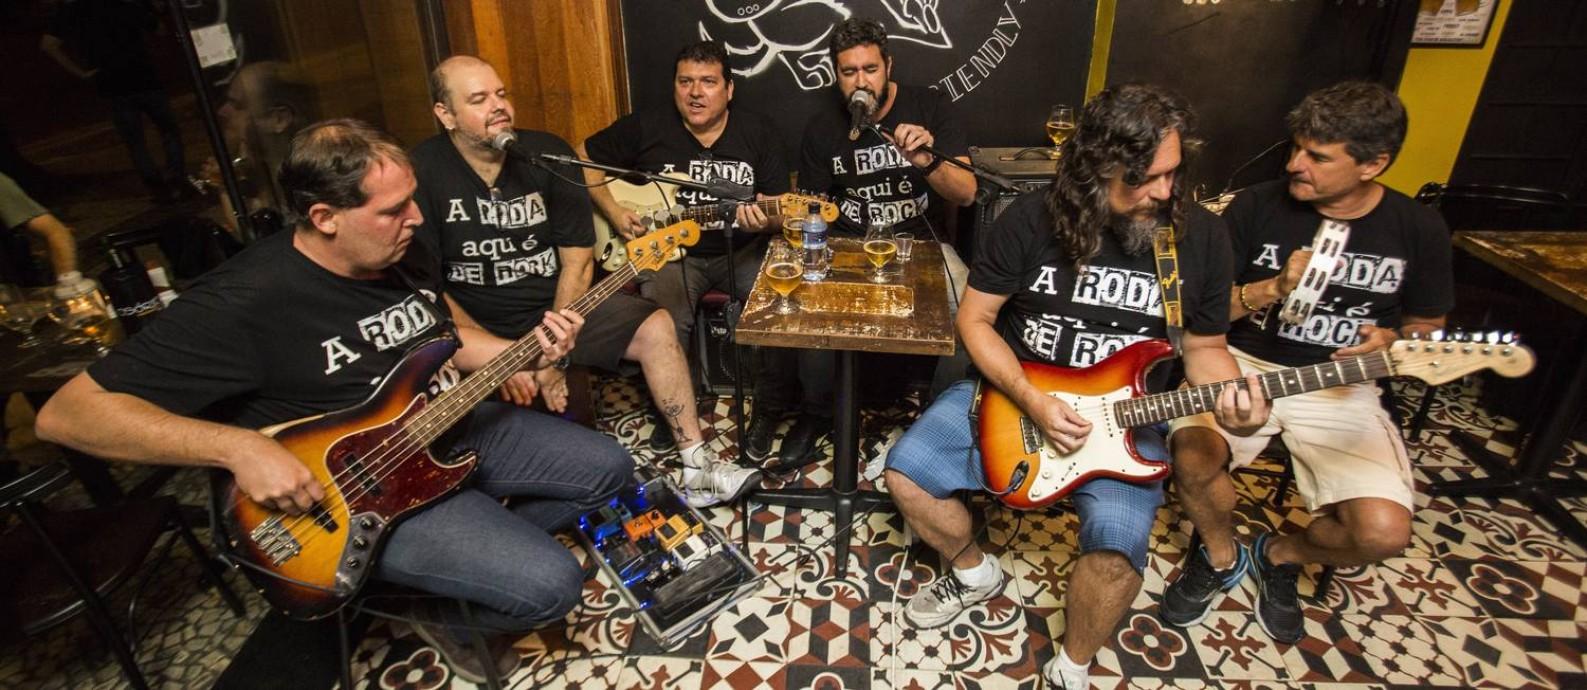 O Bar Osório, em Ipanema, tem uma roda de rock Foto: Agência O Globo/Barbara Lopes